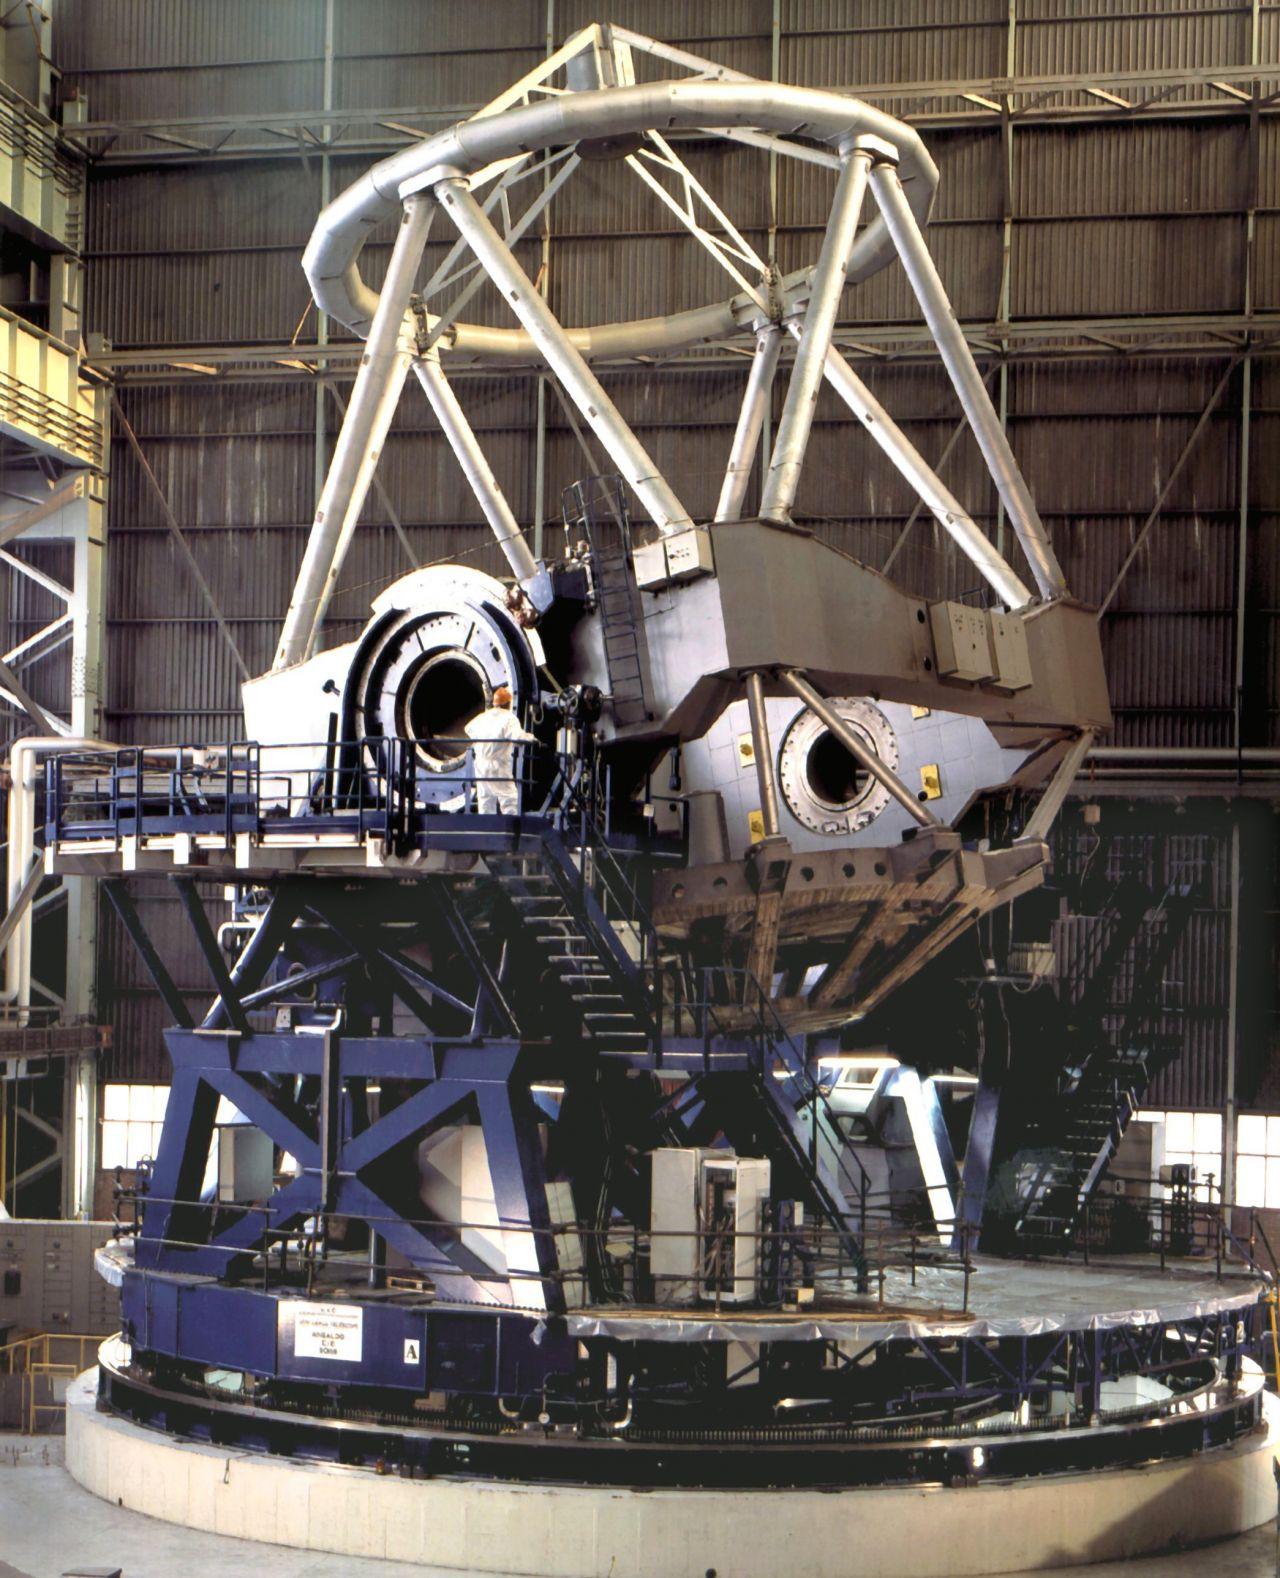 """Das """"Very Large Telescope"""" hat einen Hauptspiegeldurchmesser von 8,2 Meter und eine Spiegelfläche von 53 Quadratmeter. Es steht auf dem 2632 Meter hohen Berg Paranal in der chilenischen Atacama-Wüste."""